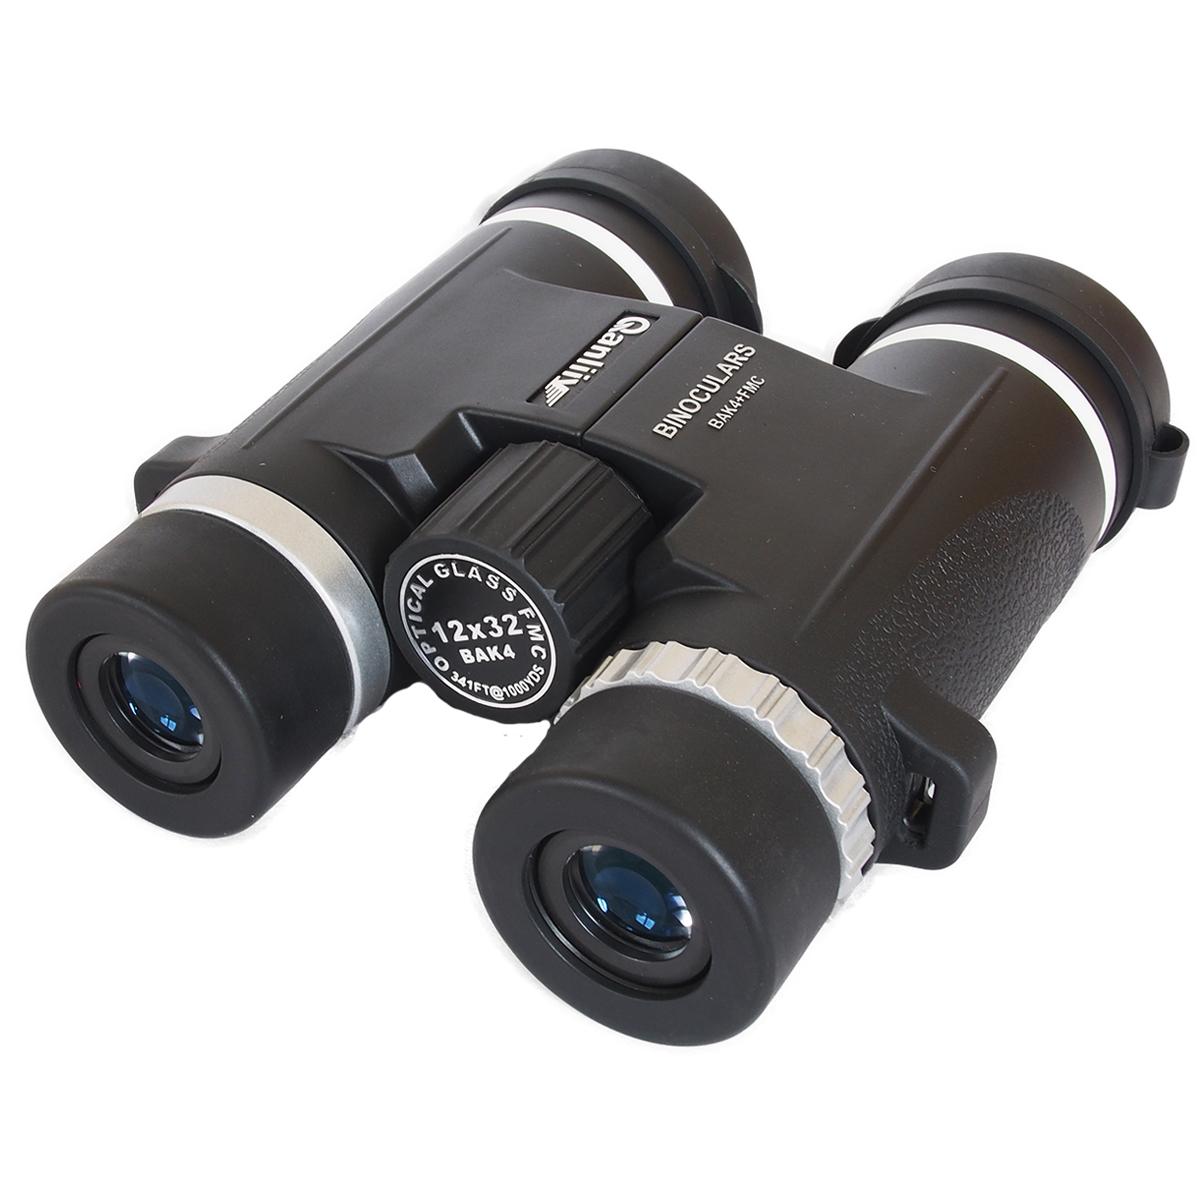 กล้องส่องทางไกลQanliiy(Limited Edition) 12x32